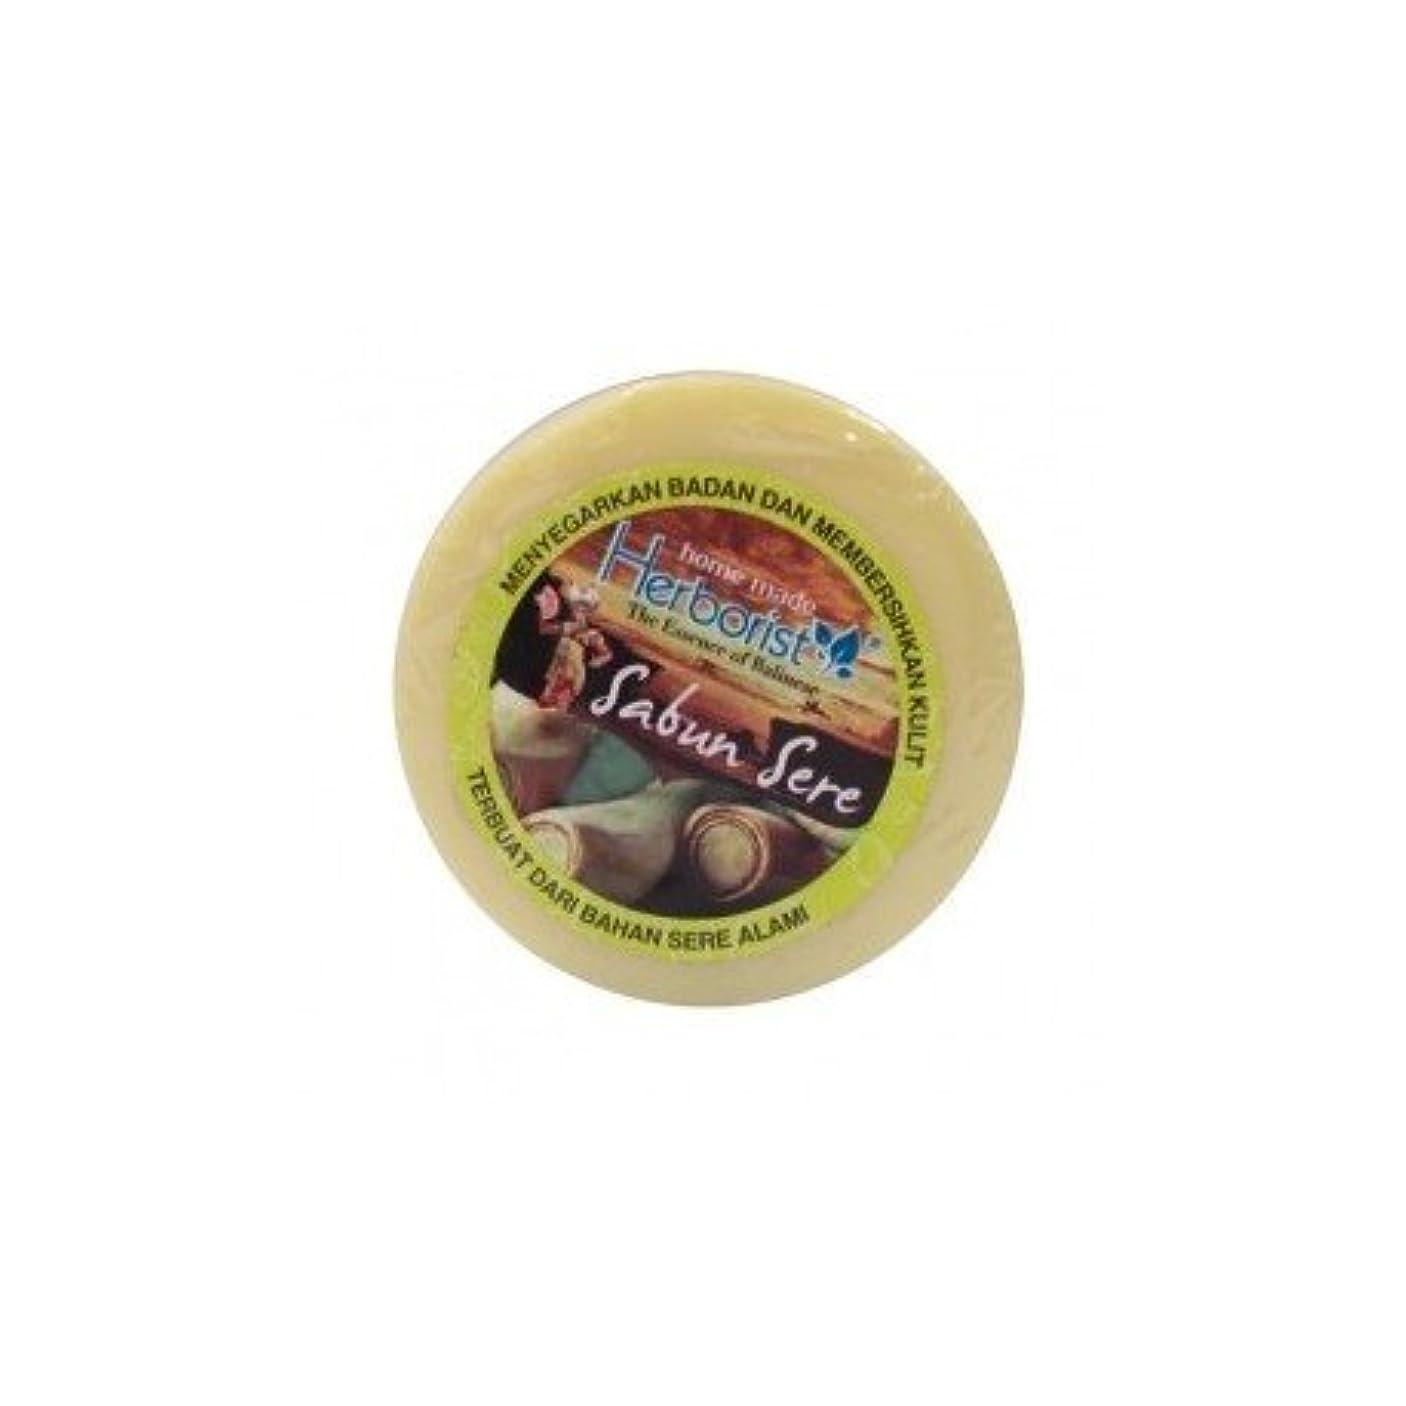 小麦粉空洞はいHerborist sabun serehレモングラスソープ80グラム